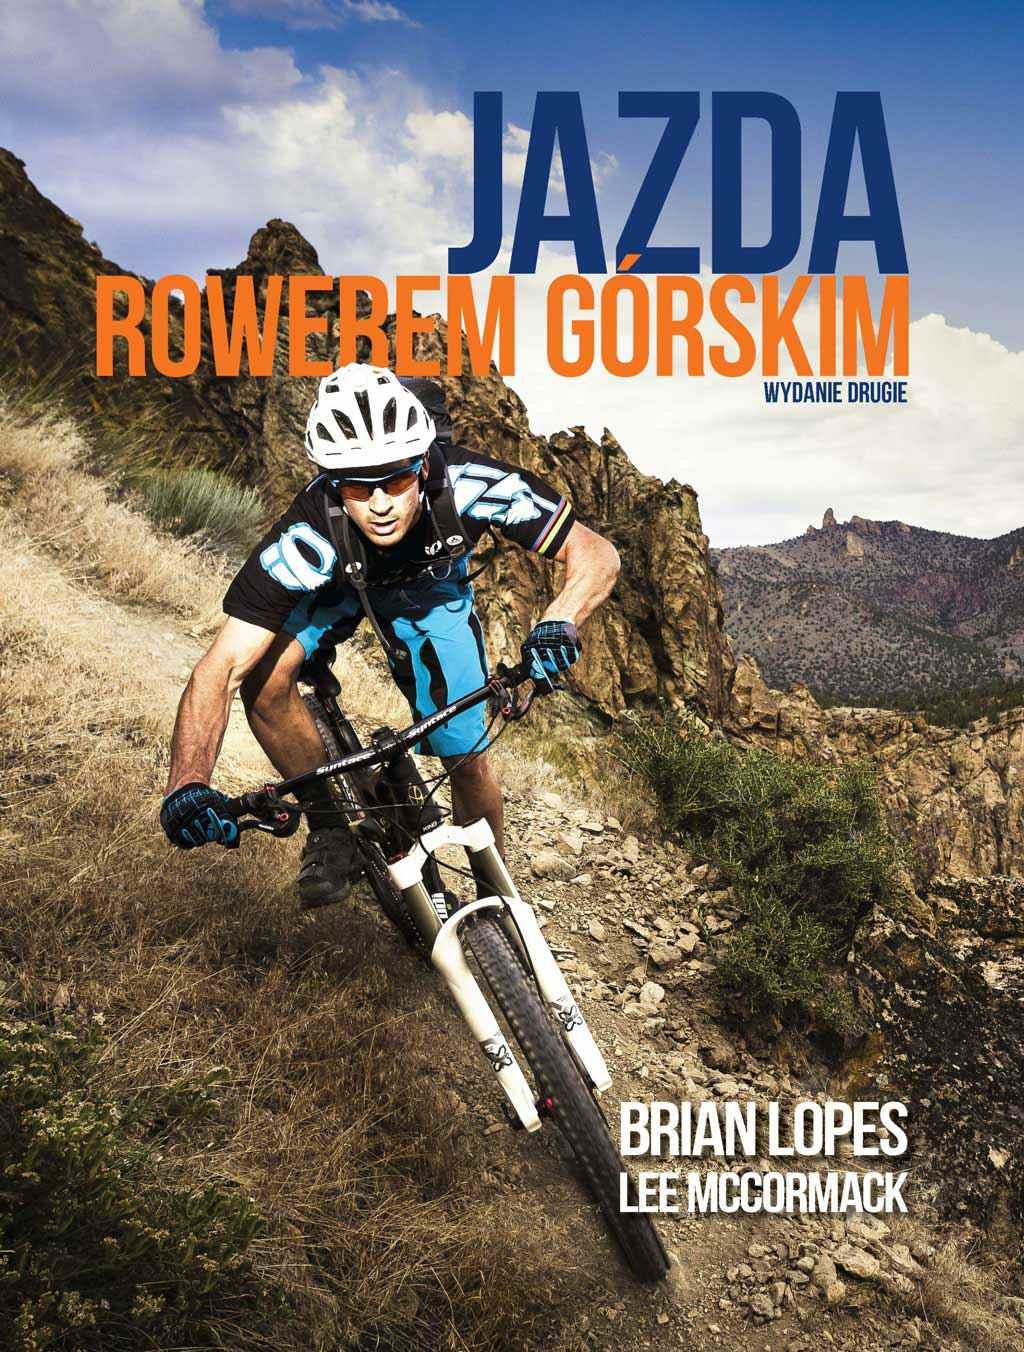 Jazda rowerem górskim - Ebook (Książka EPUB) do pobrania w formacie EPUB